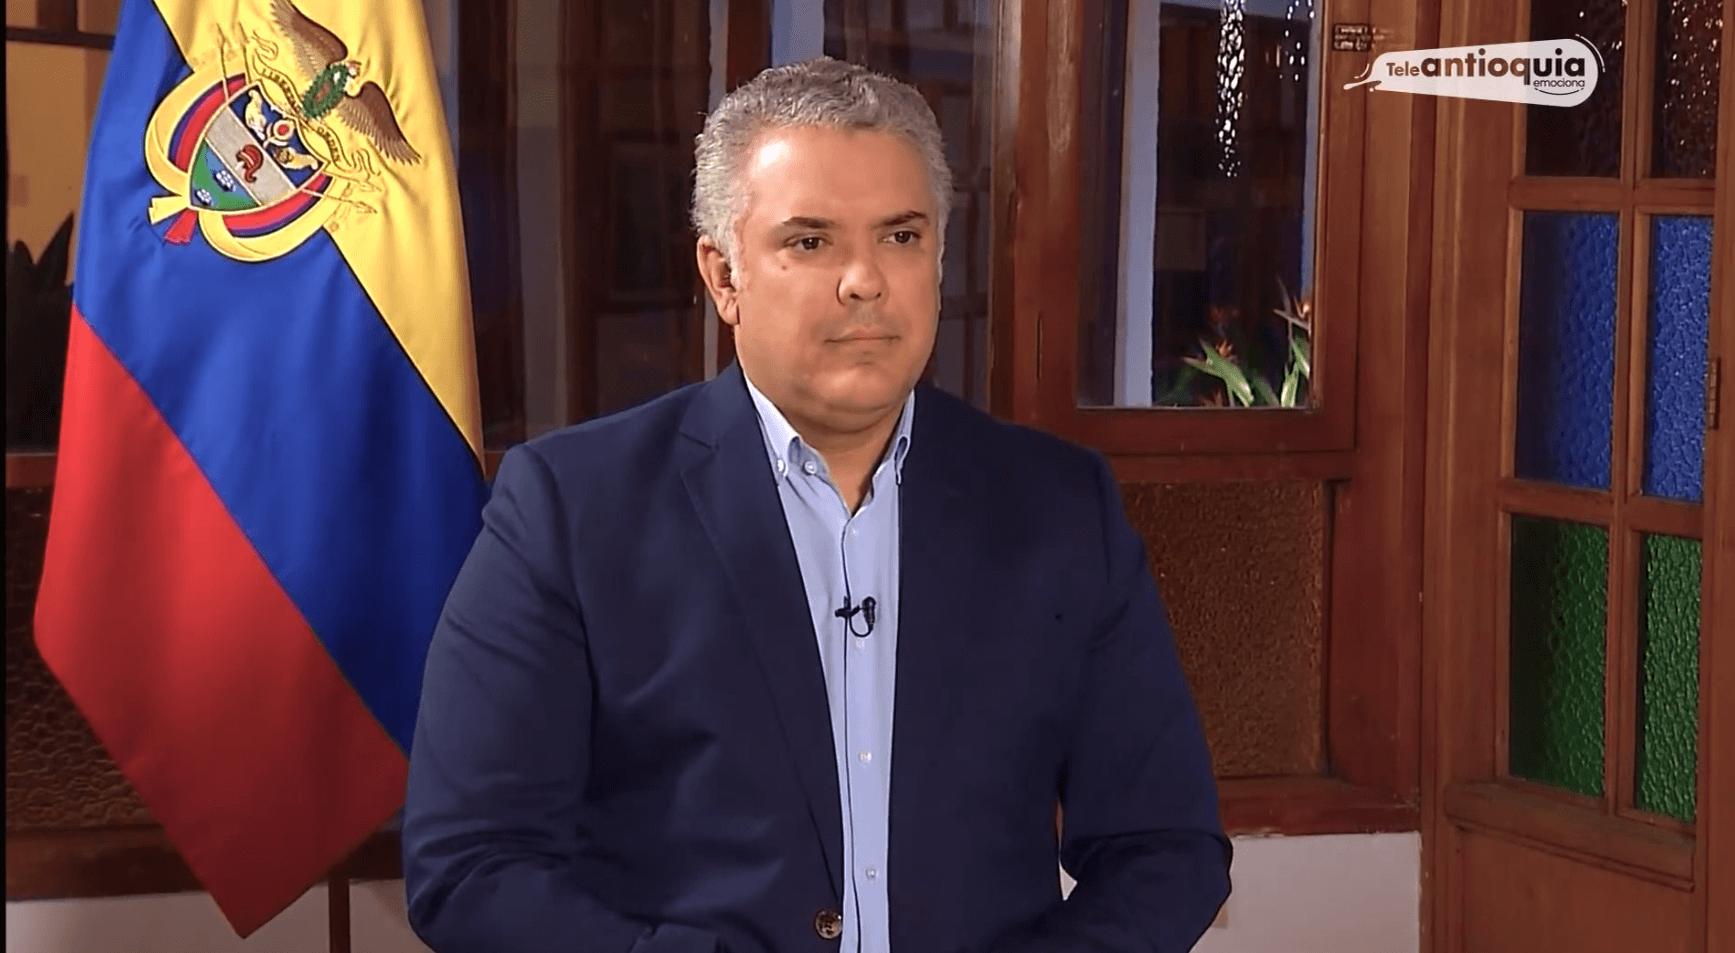 Entrevista exclusiva de Teleantioquia Noticias con el presidente de la República Iván Duque Márquez